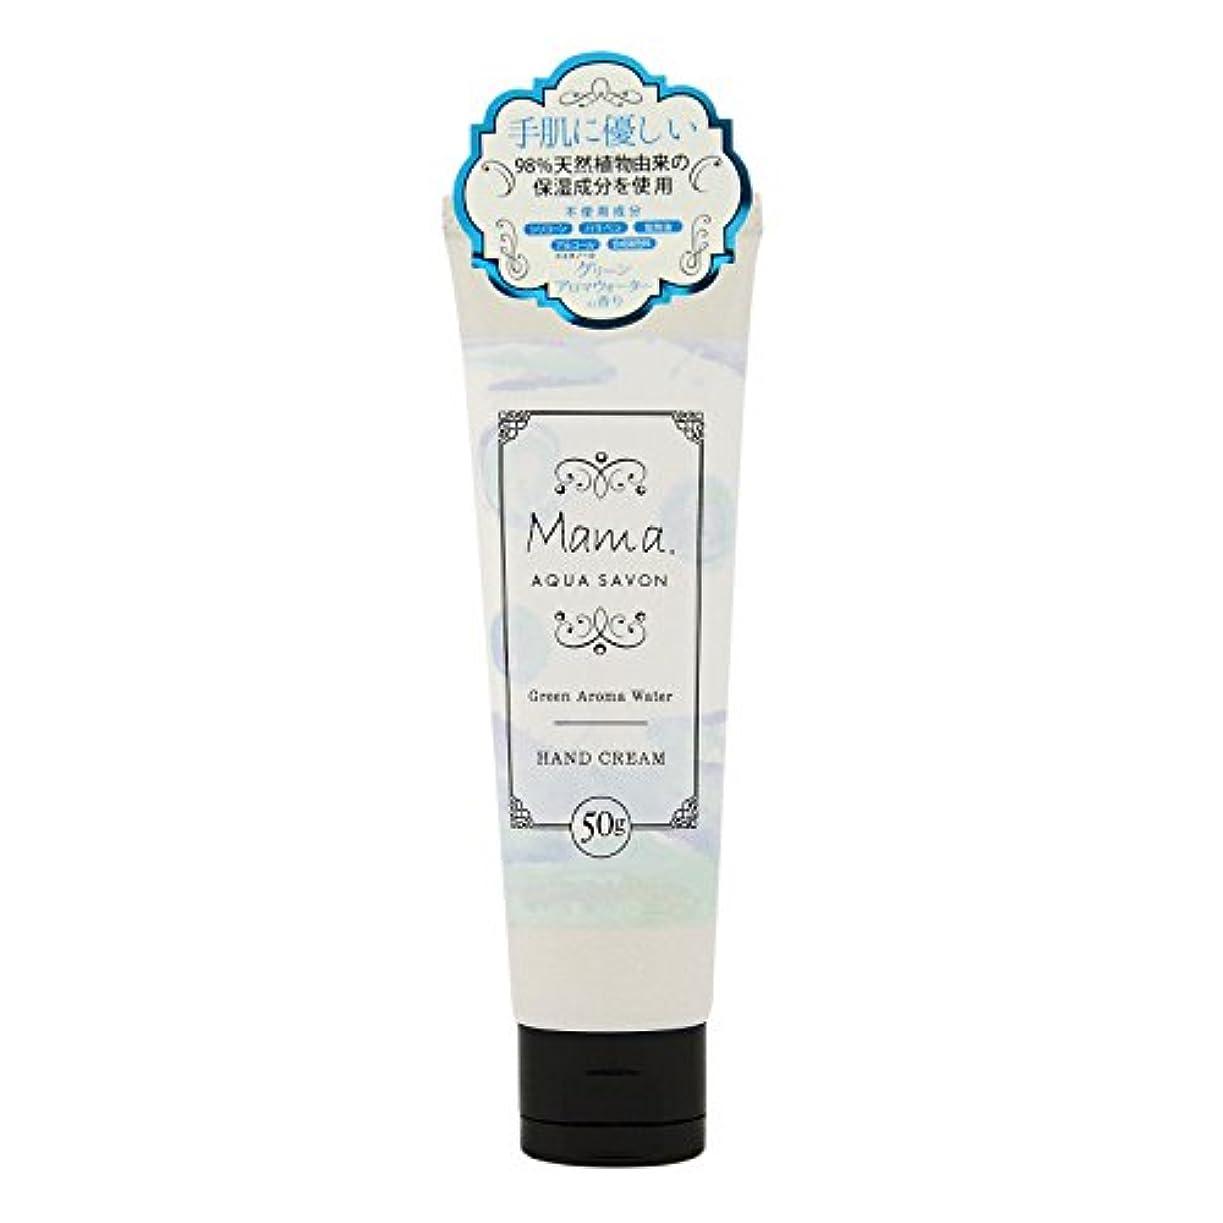 フリッパー経験超えるママ アクアシャボン ハンドクリーム グリーンアロマウォーターの香り 50g